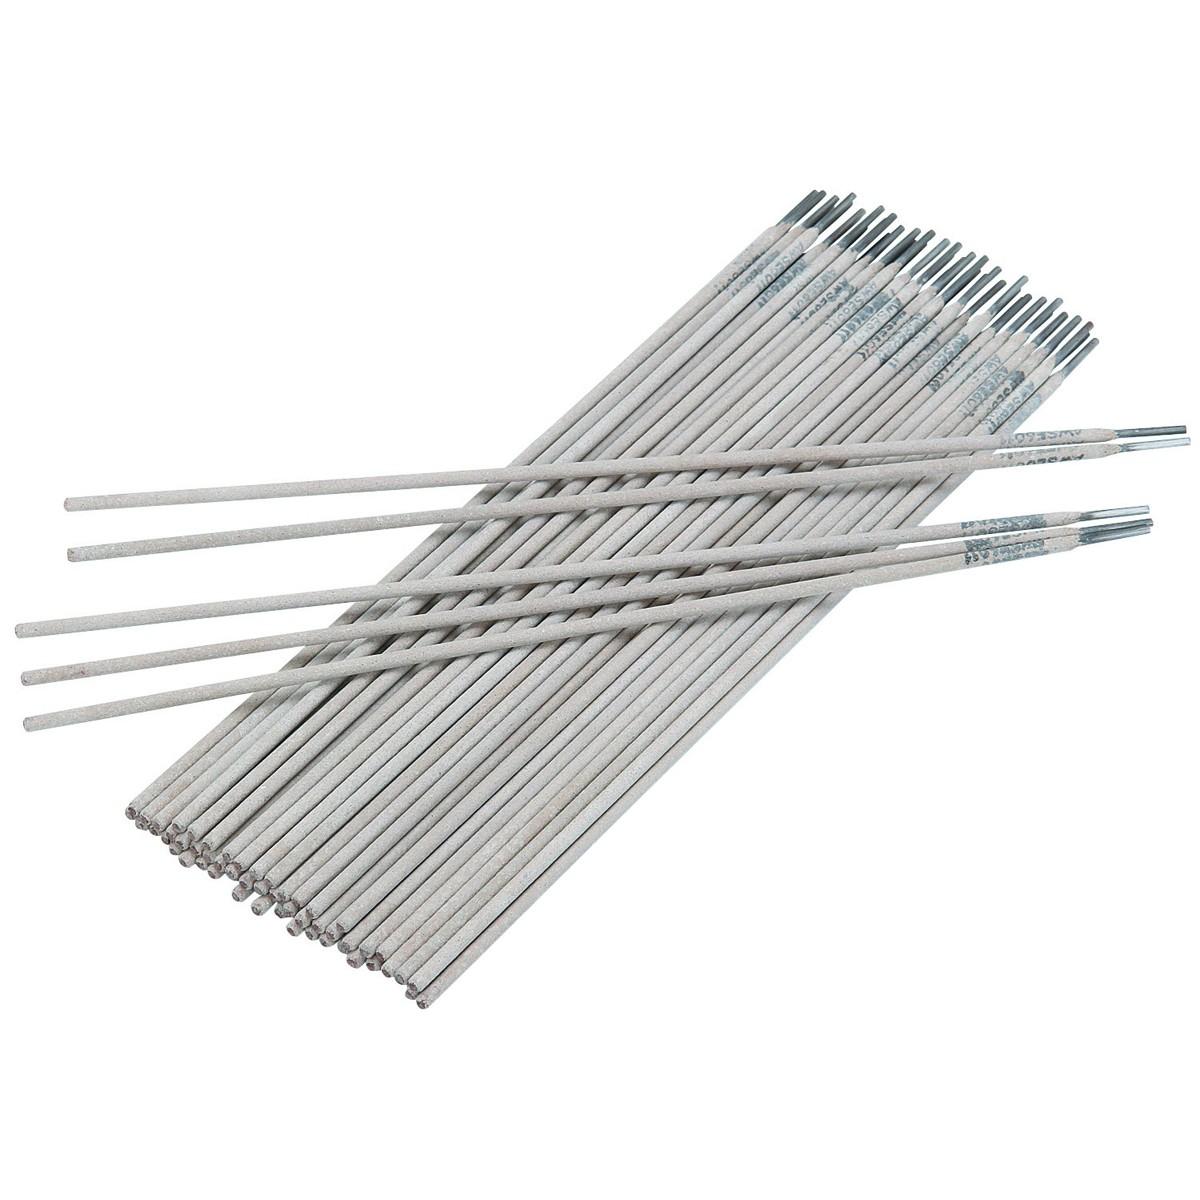 Steel Soldering Stick